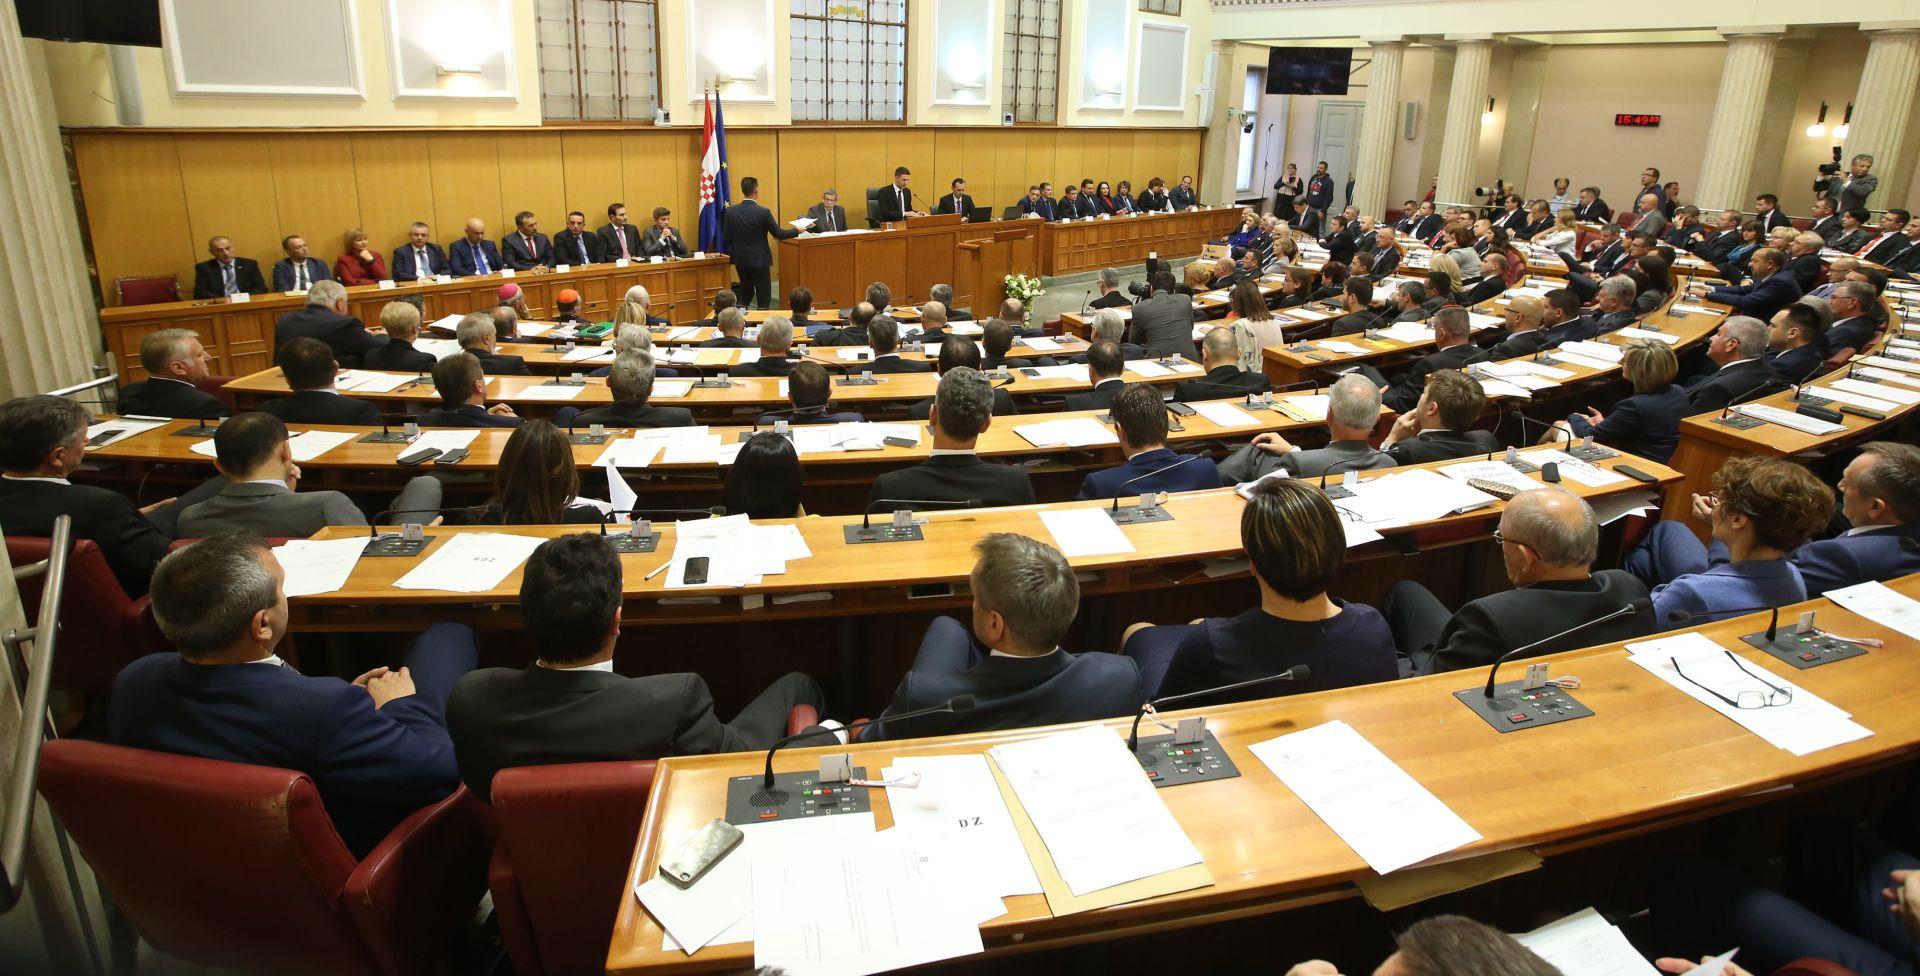 Sabor nastavlja zasjedanje raspravom o dopuni Zakona o lokalnim izborima